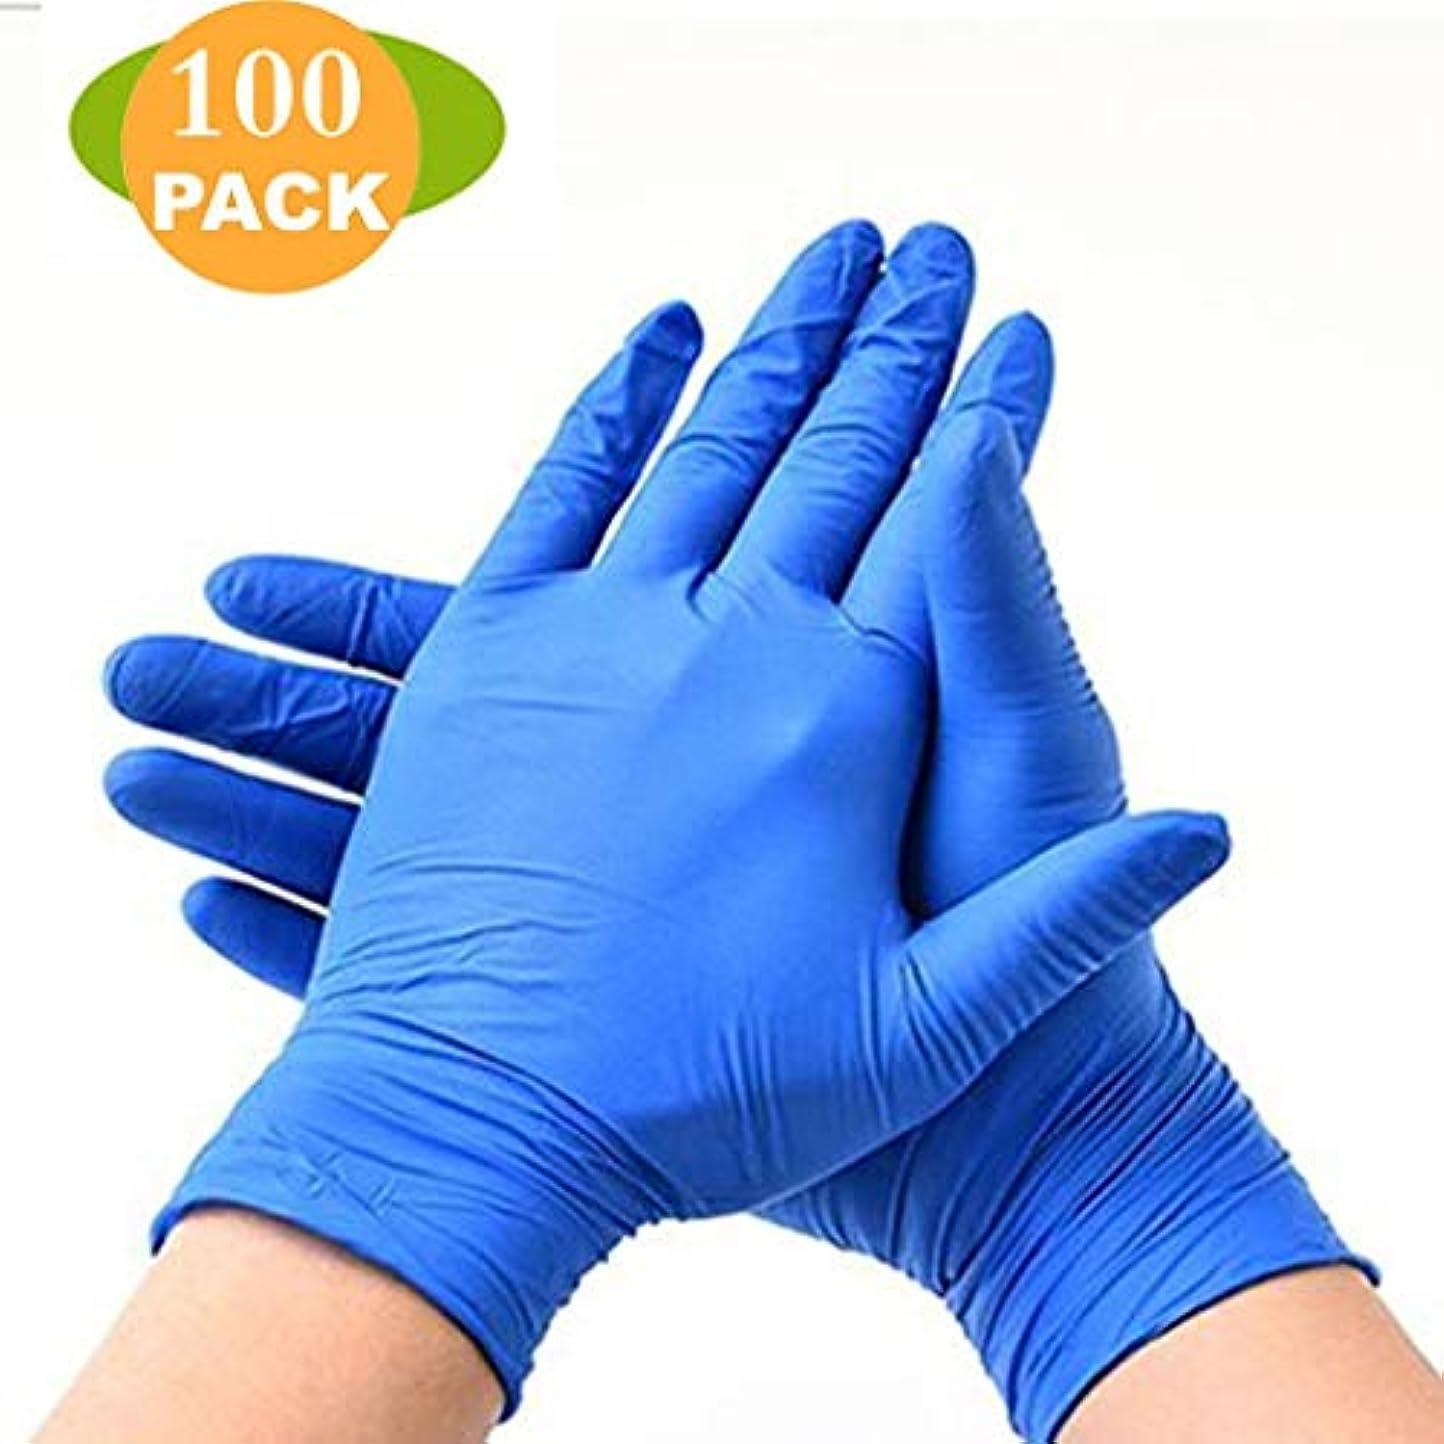 スキーにおい下線使い捨て耐久性のある厚手の手袋の実験室の食用油と耐酸性-100パーボックス (Color : Blue, Size : L)